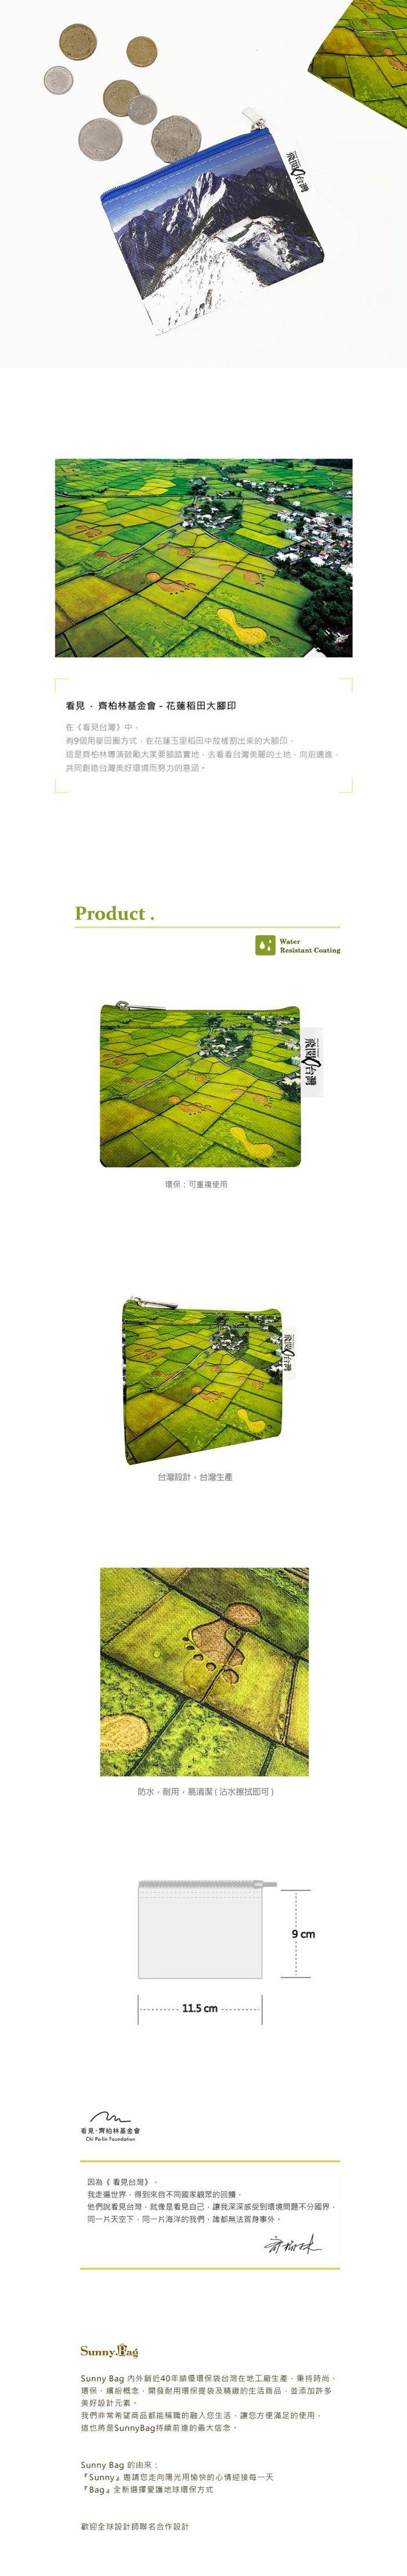 (複製)Sunny Bag|看見‧齊柏林基金會-零錢包-玉山主峰與北峰